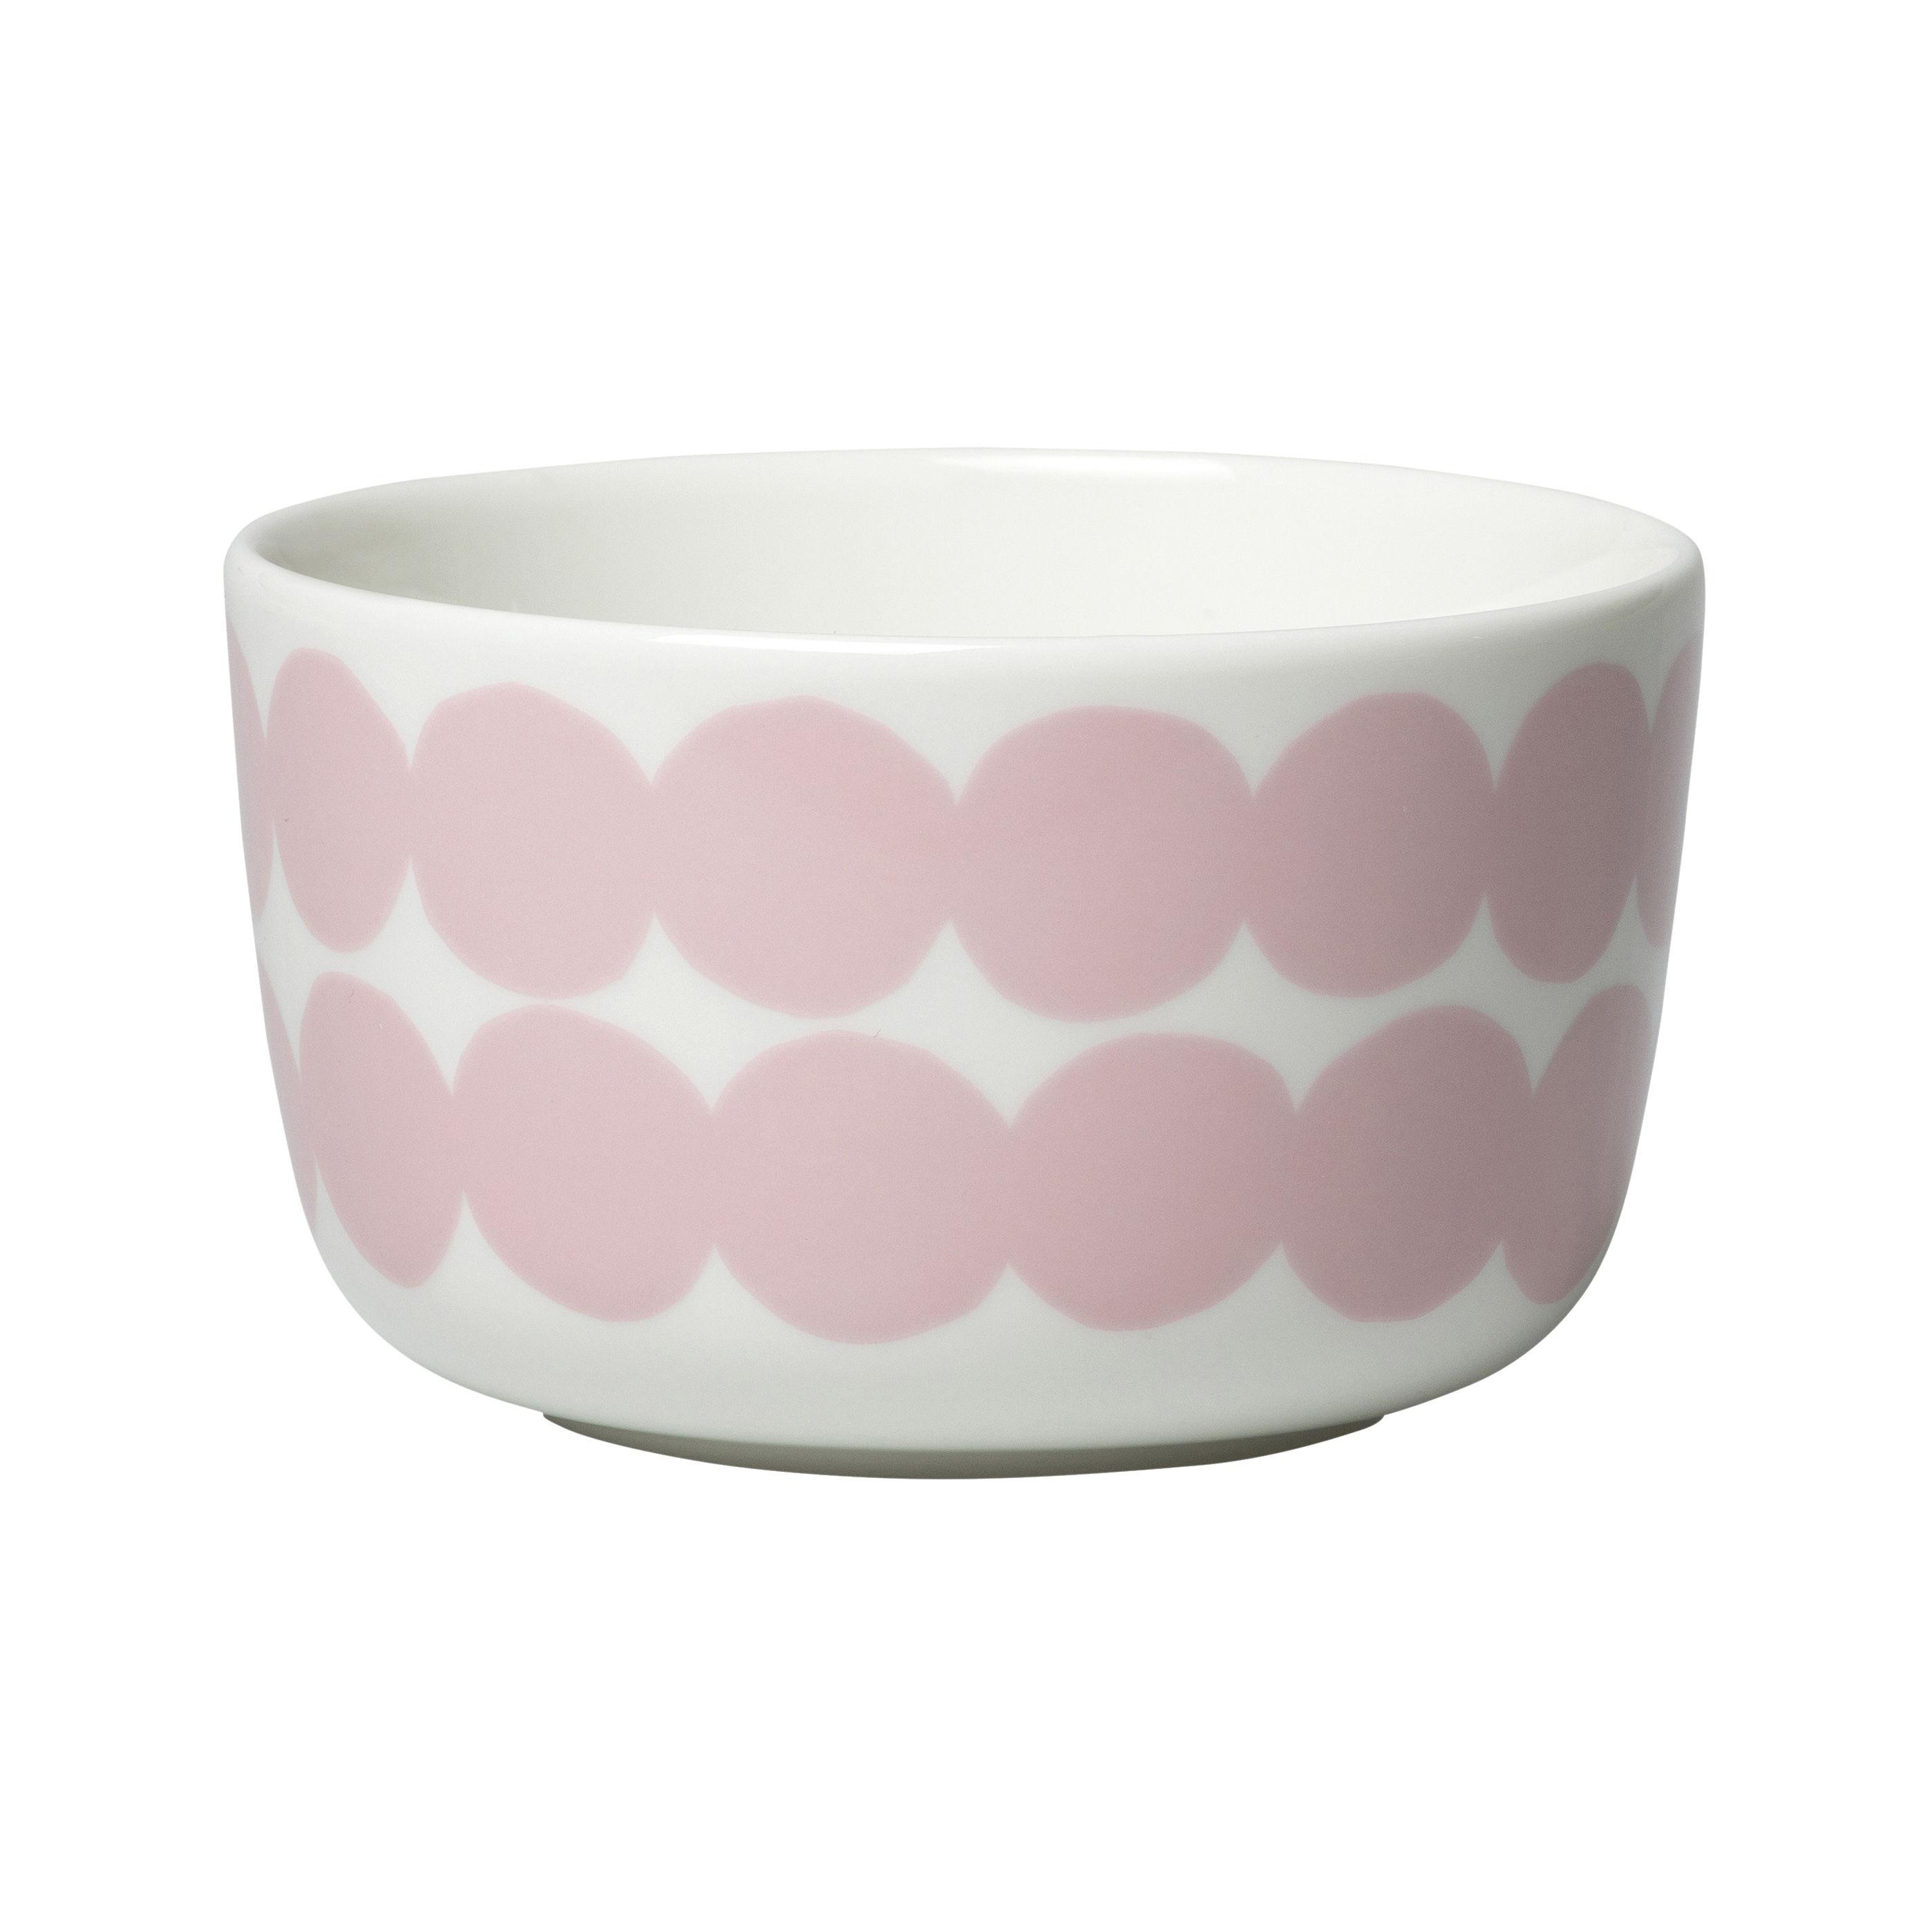 Tableware - Bowls - Siirtolapuutarha Bowl - / Ø 9.5 cm by Marimekko - Siirtolapuutarha / Pink - Sandstone